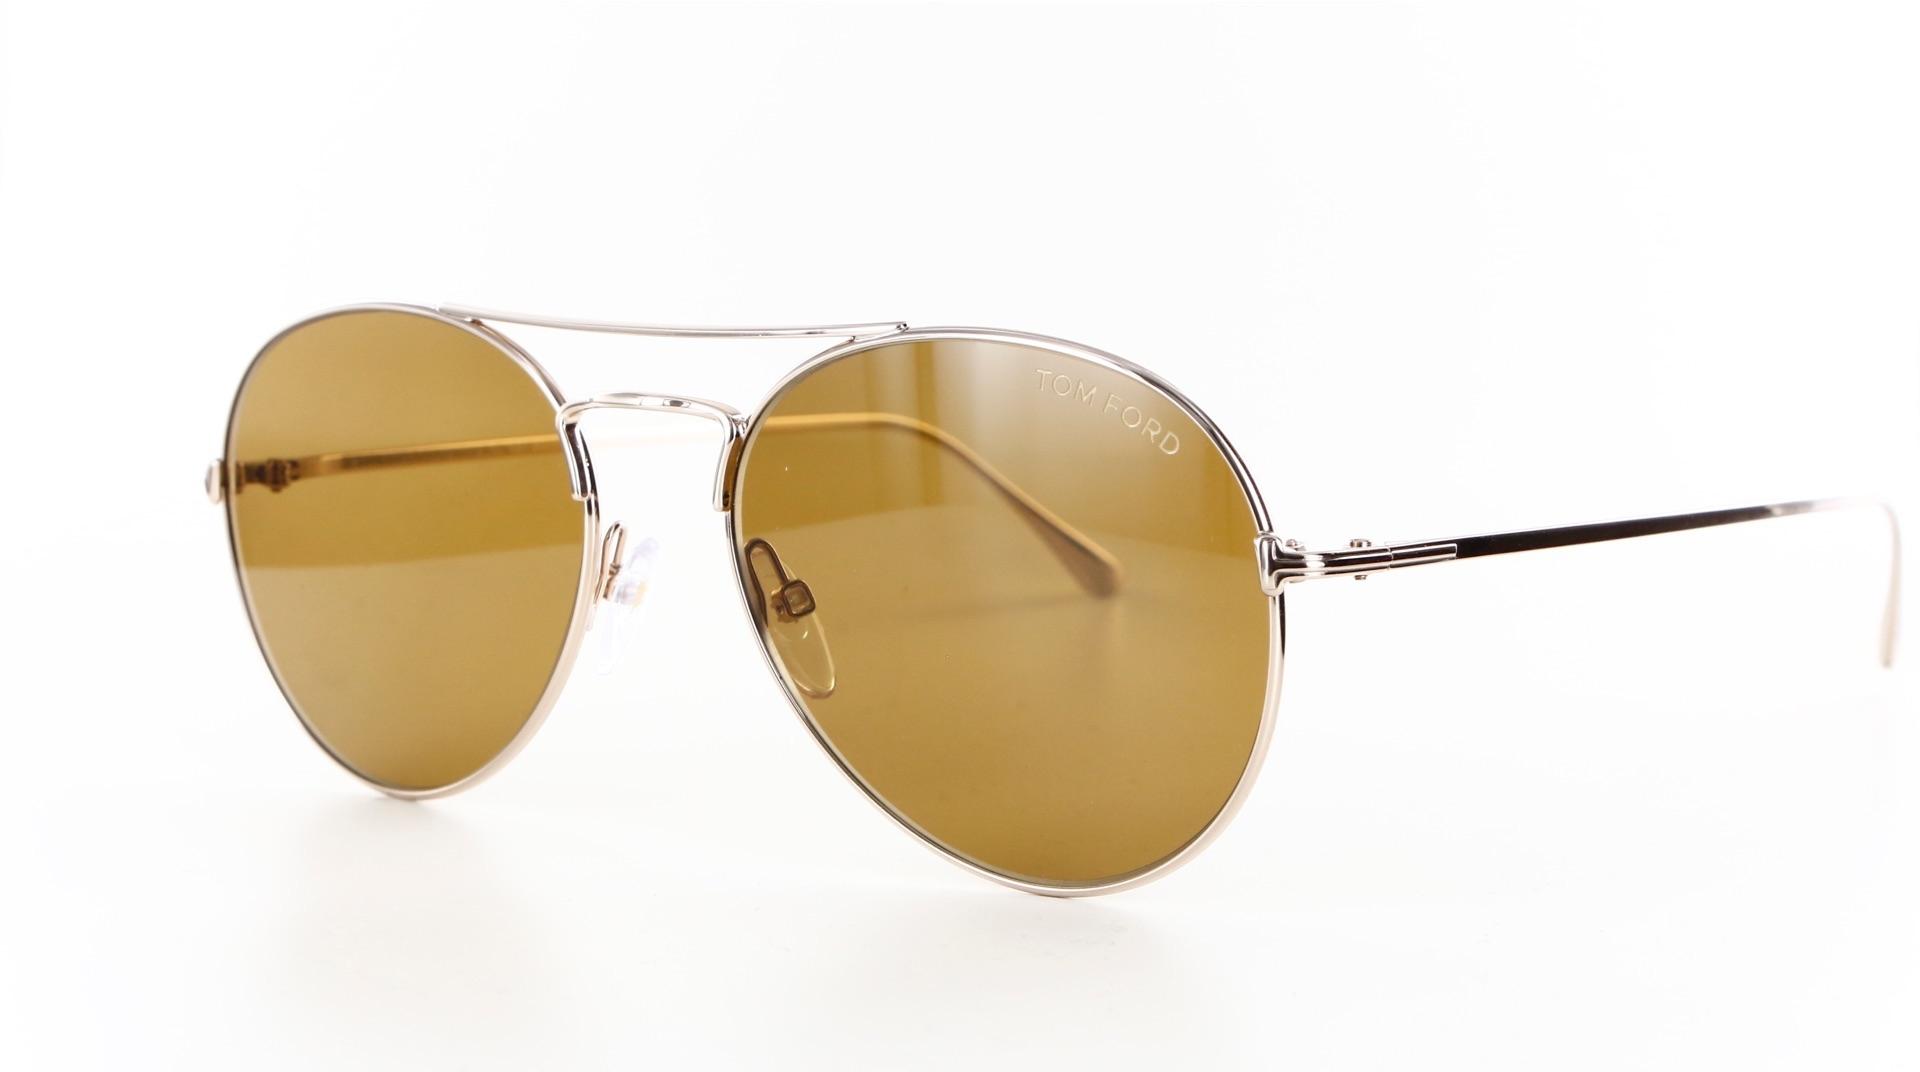 54592bd3a2dd Tom Ford sunglasses - ref  77499